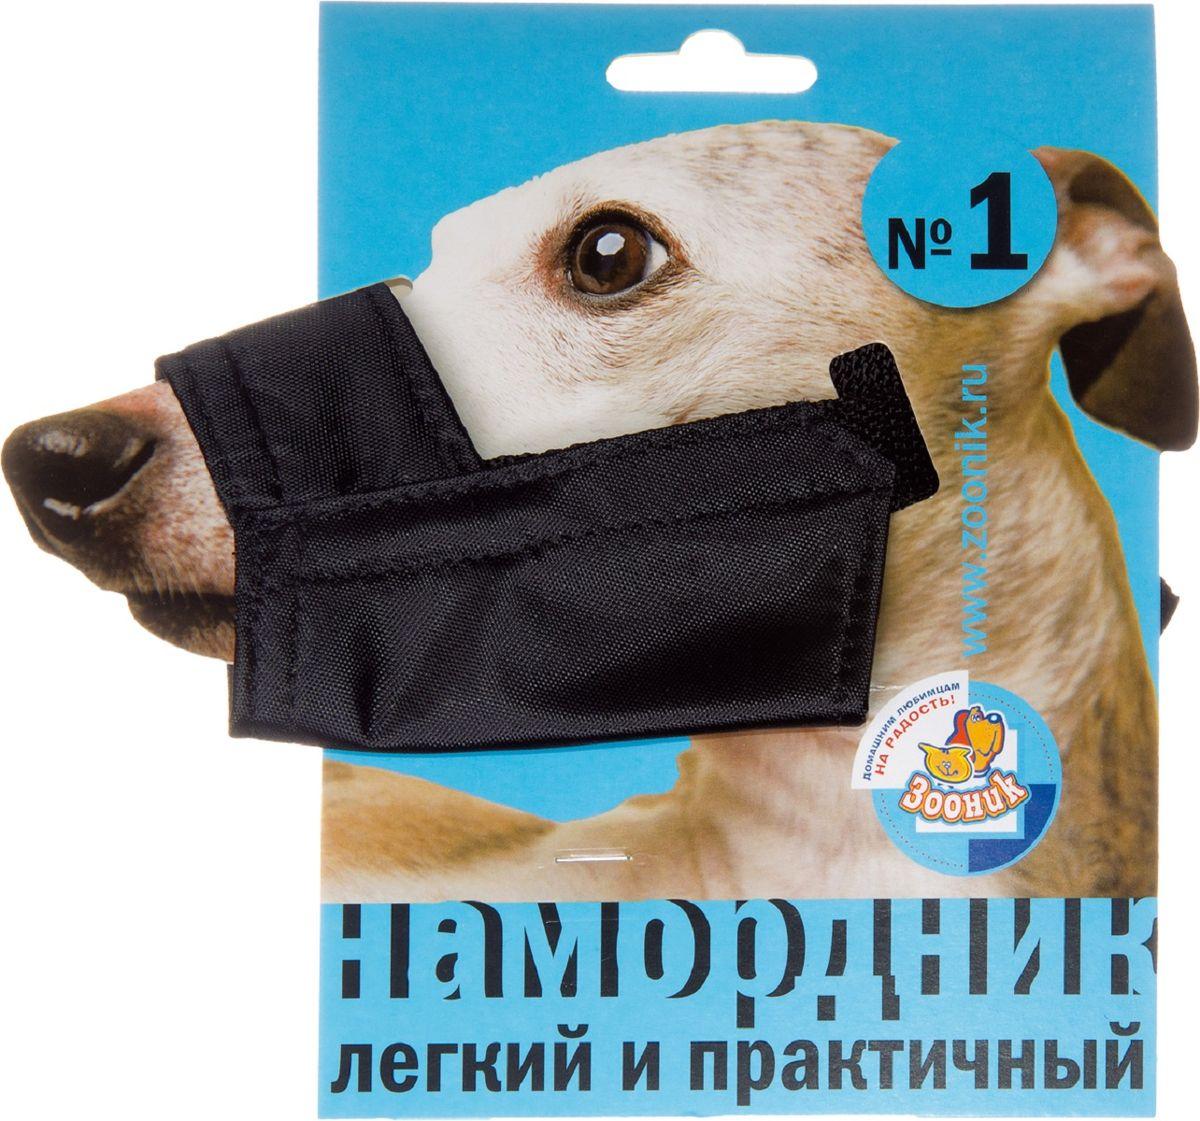 Намордник Зооник, обхват морды 17 см. Размер 112210-1Нейлоновый намордник Зооник практичен и прост в эксплуатации. Он эффективно препятствует кусанию, жеванию и лаю. Собаке трудно его снять.Определение нужного размера:1. Используйте сантиметровую ленту, чтобы измерить обхват морды собаки.2. Подложите под сантиметровую ленту указательный палец, чтобы учесть припуск на свободу. Намордник должен свободно прилегать к носу.3. Сравните полученный размер с размером указанным на упаковке. Предназначен для следующих пород собак: уиппет, грейхаунд. Обхват морды 17 см.